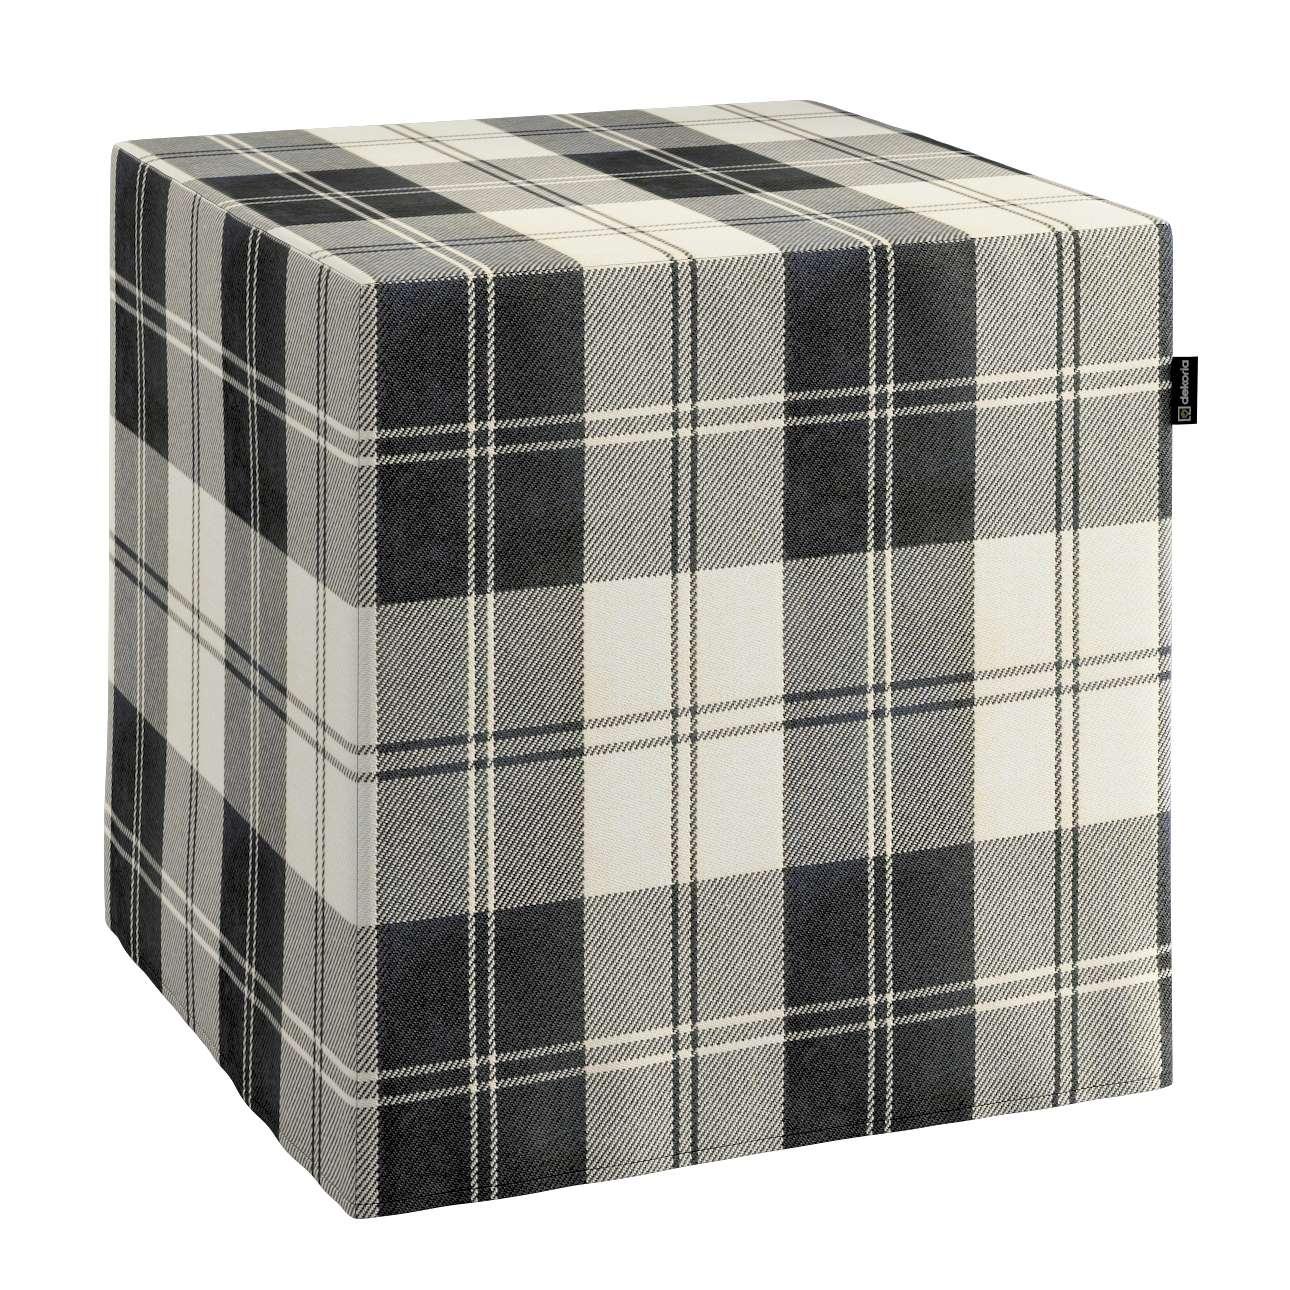 Sedák Cube - kostka pevná 40x40x40 v kolekci Edinburgh, látka: 115-74